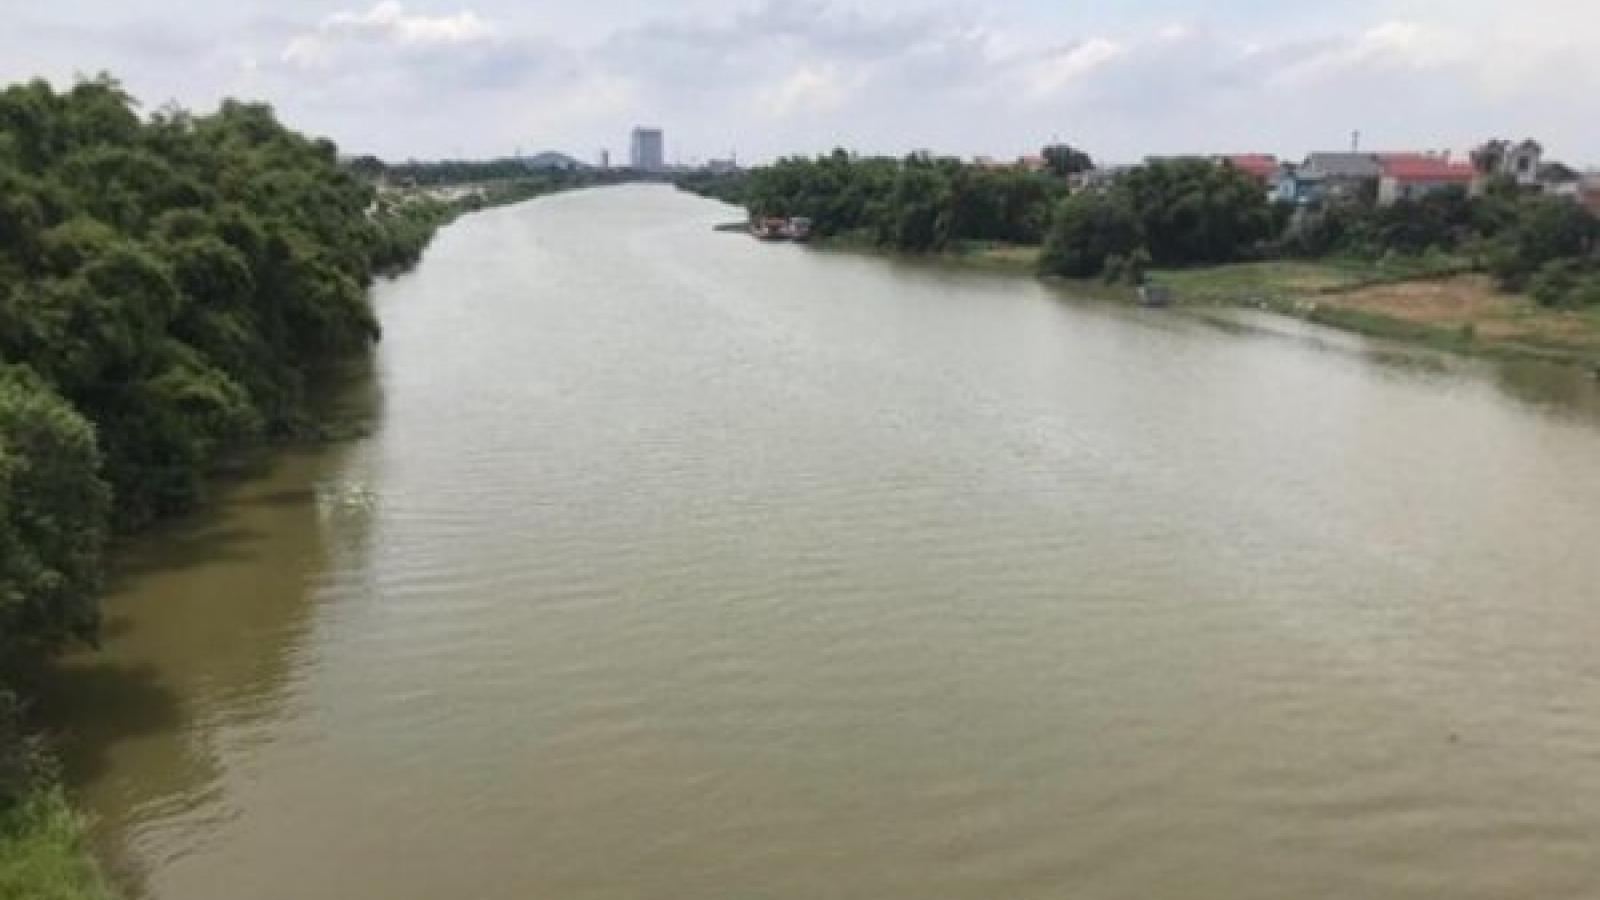 Thư tuyệt mệnh trong cốp xe của 3 mẹ con tử vong ở sông Thương